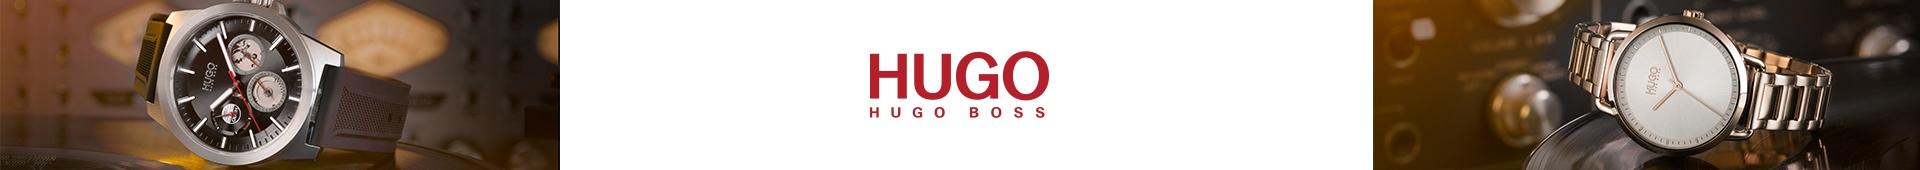 HUGO Mens